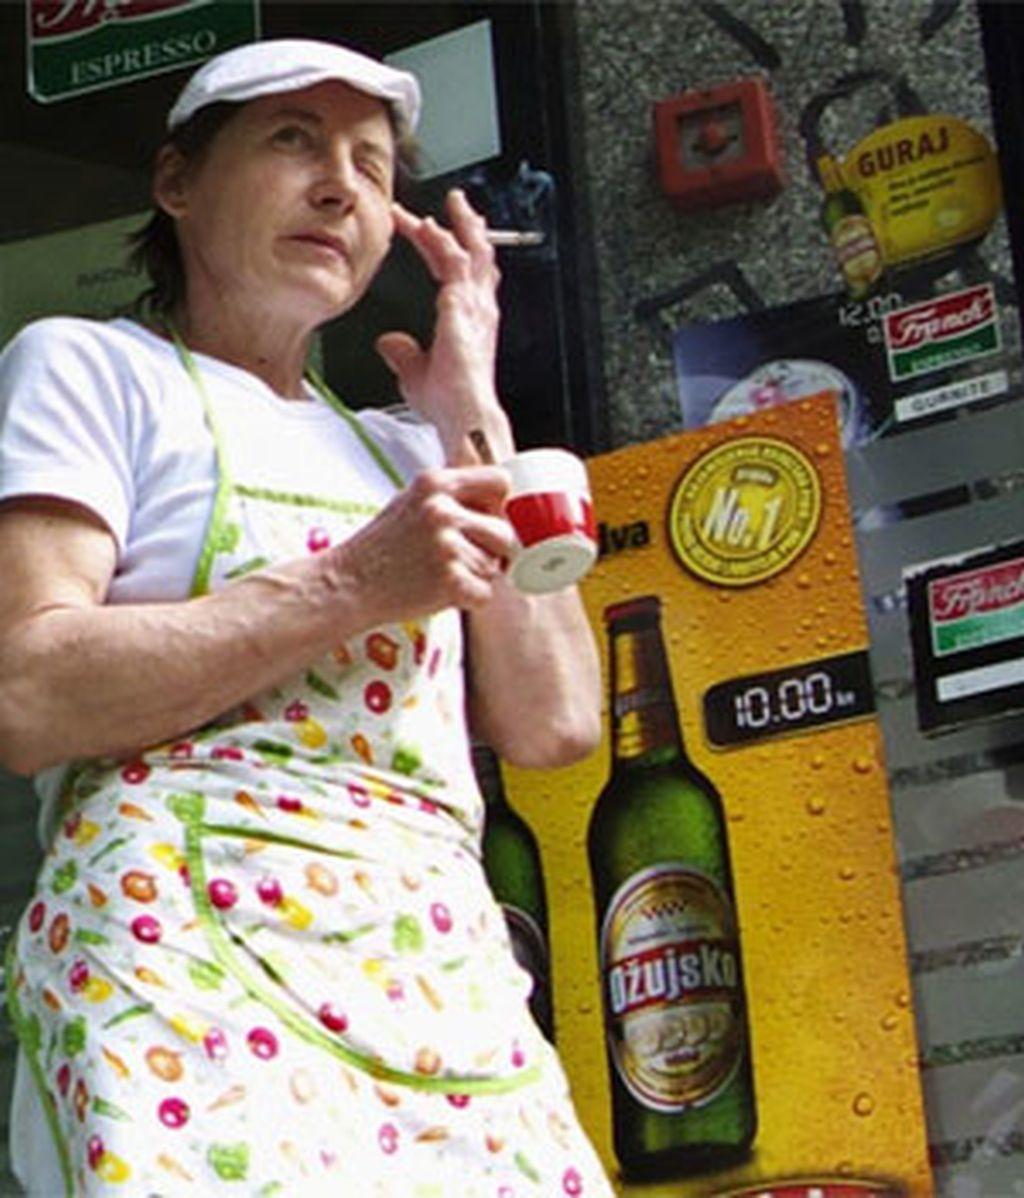 Alcohol, tabaco y comida basura provocan un envejecimiento prematuro de la piel. FOTO: REUTERS